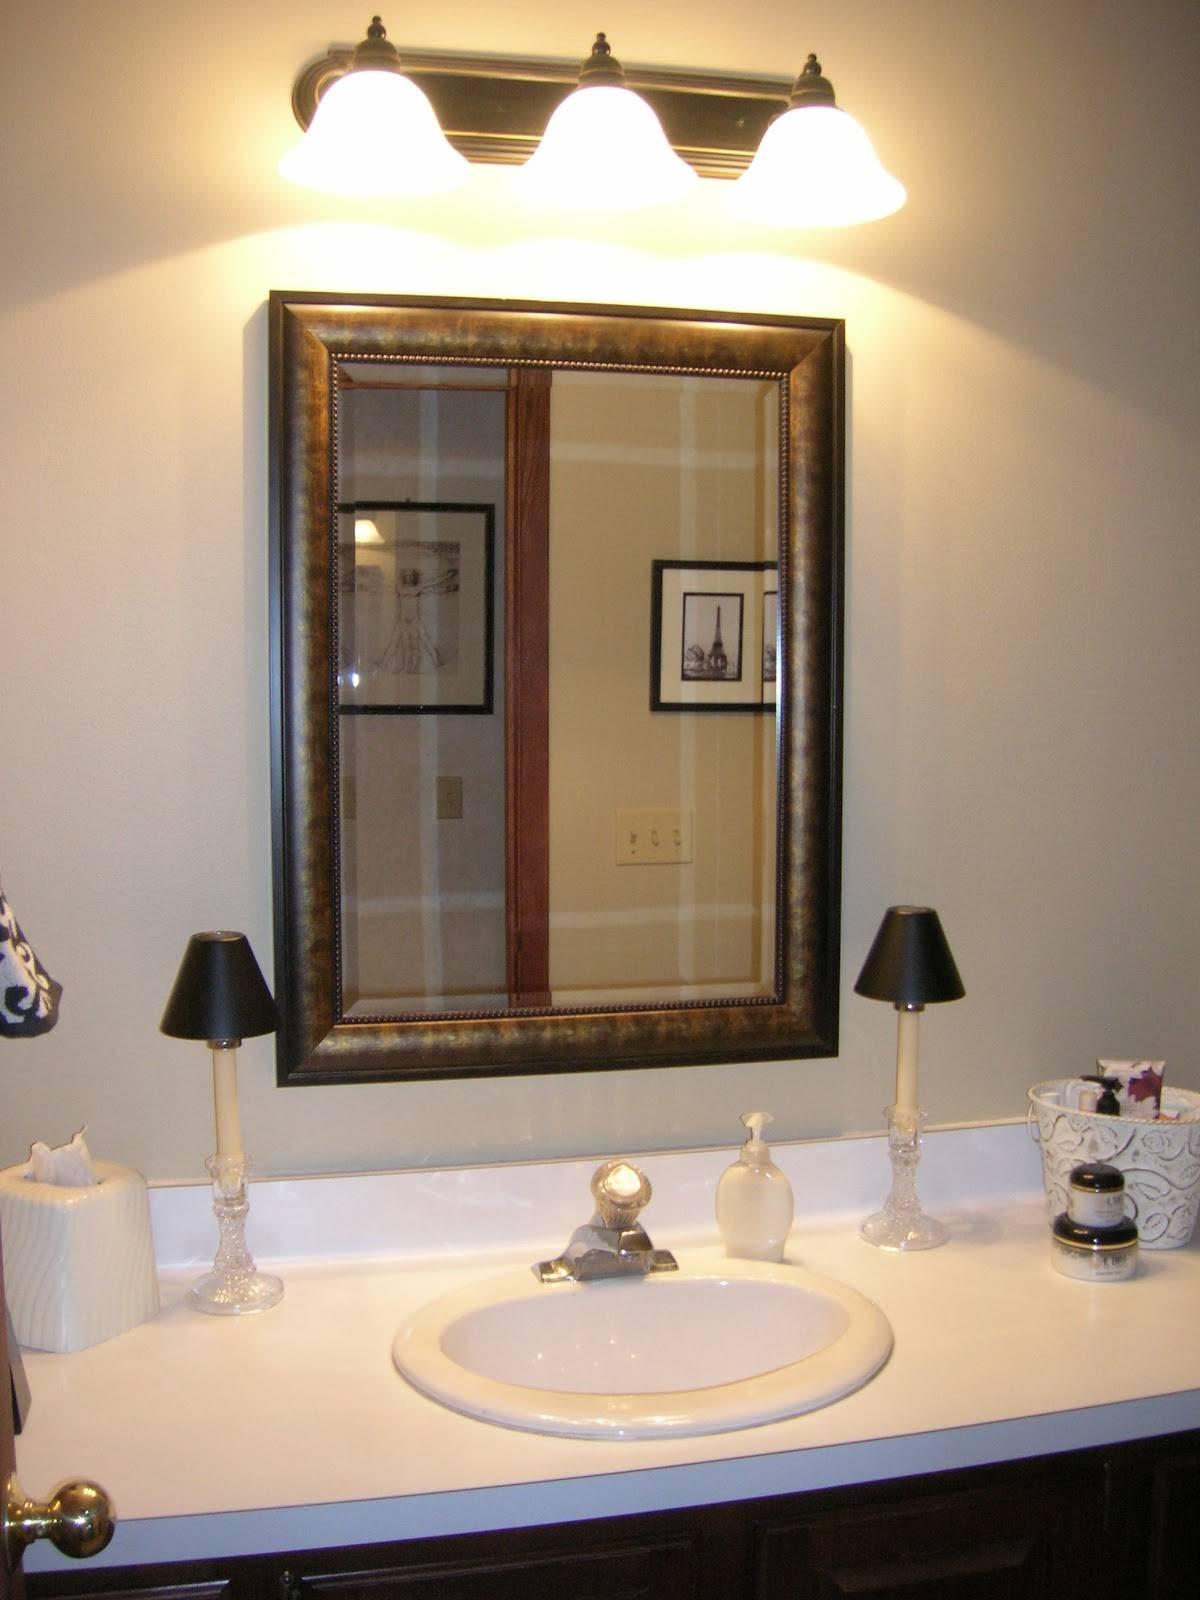 Bathroom Wall Light Fixture. Farmhouse Style Bathroom Light intended for Wall Light Mirrors (Image 3 of 15)